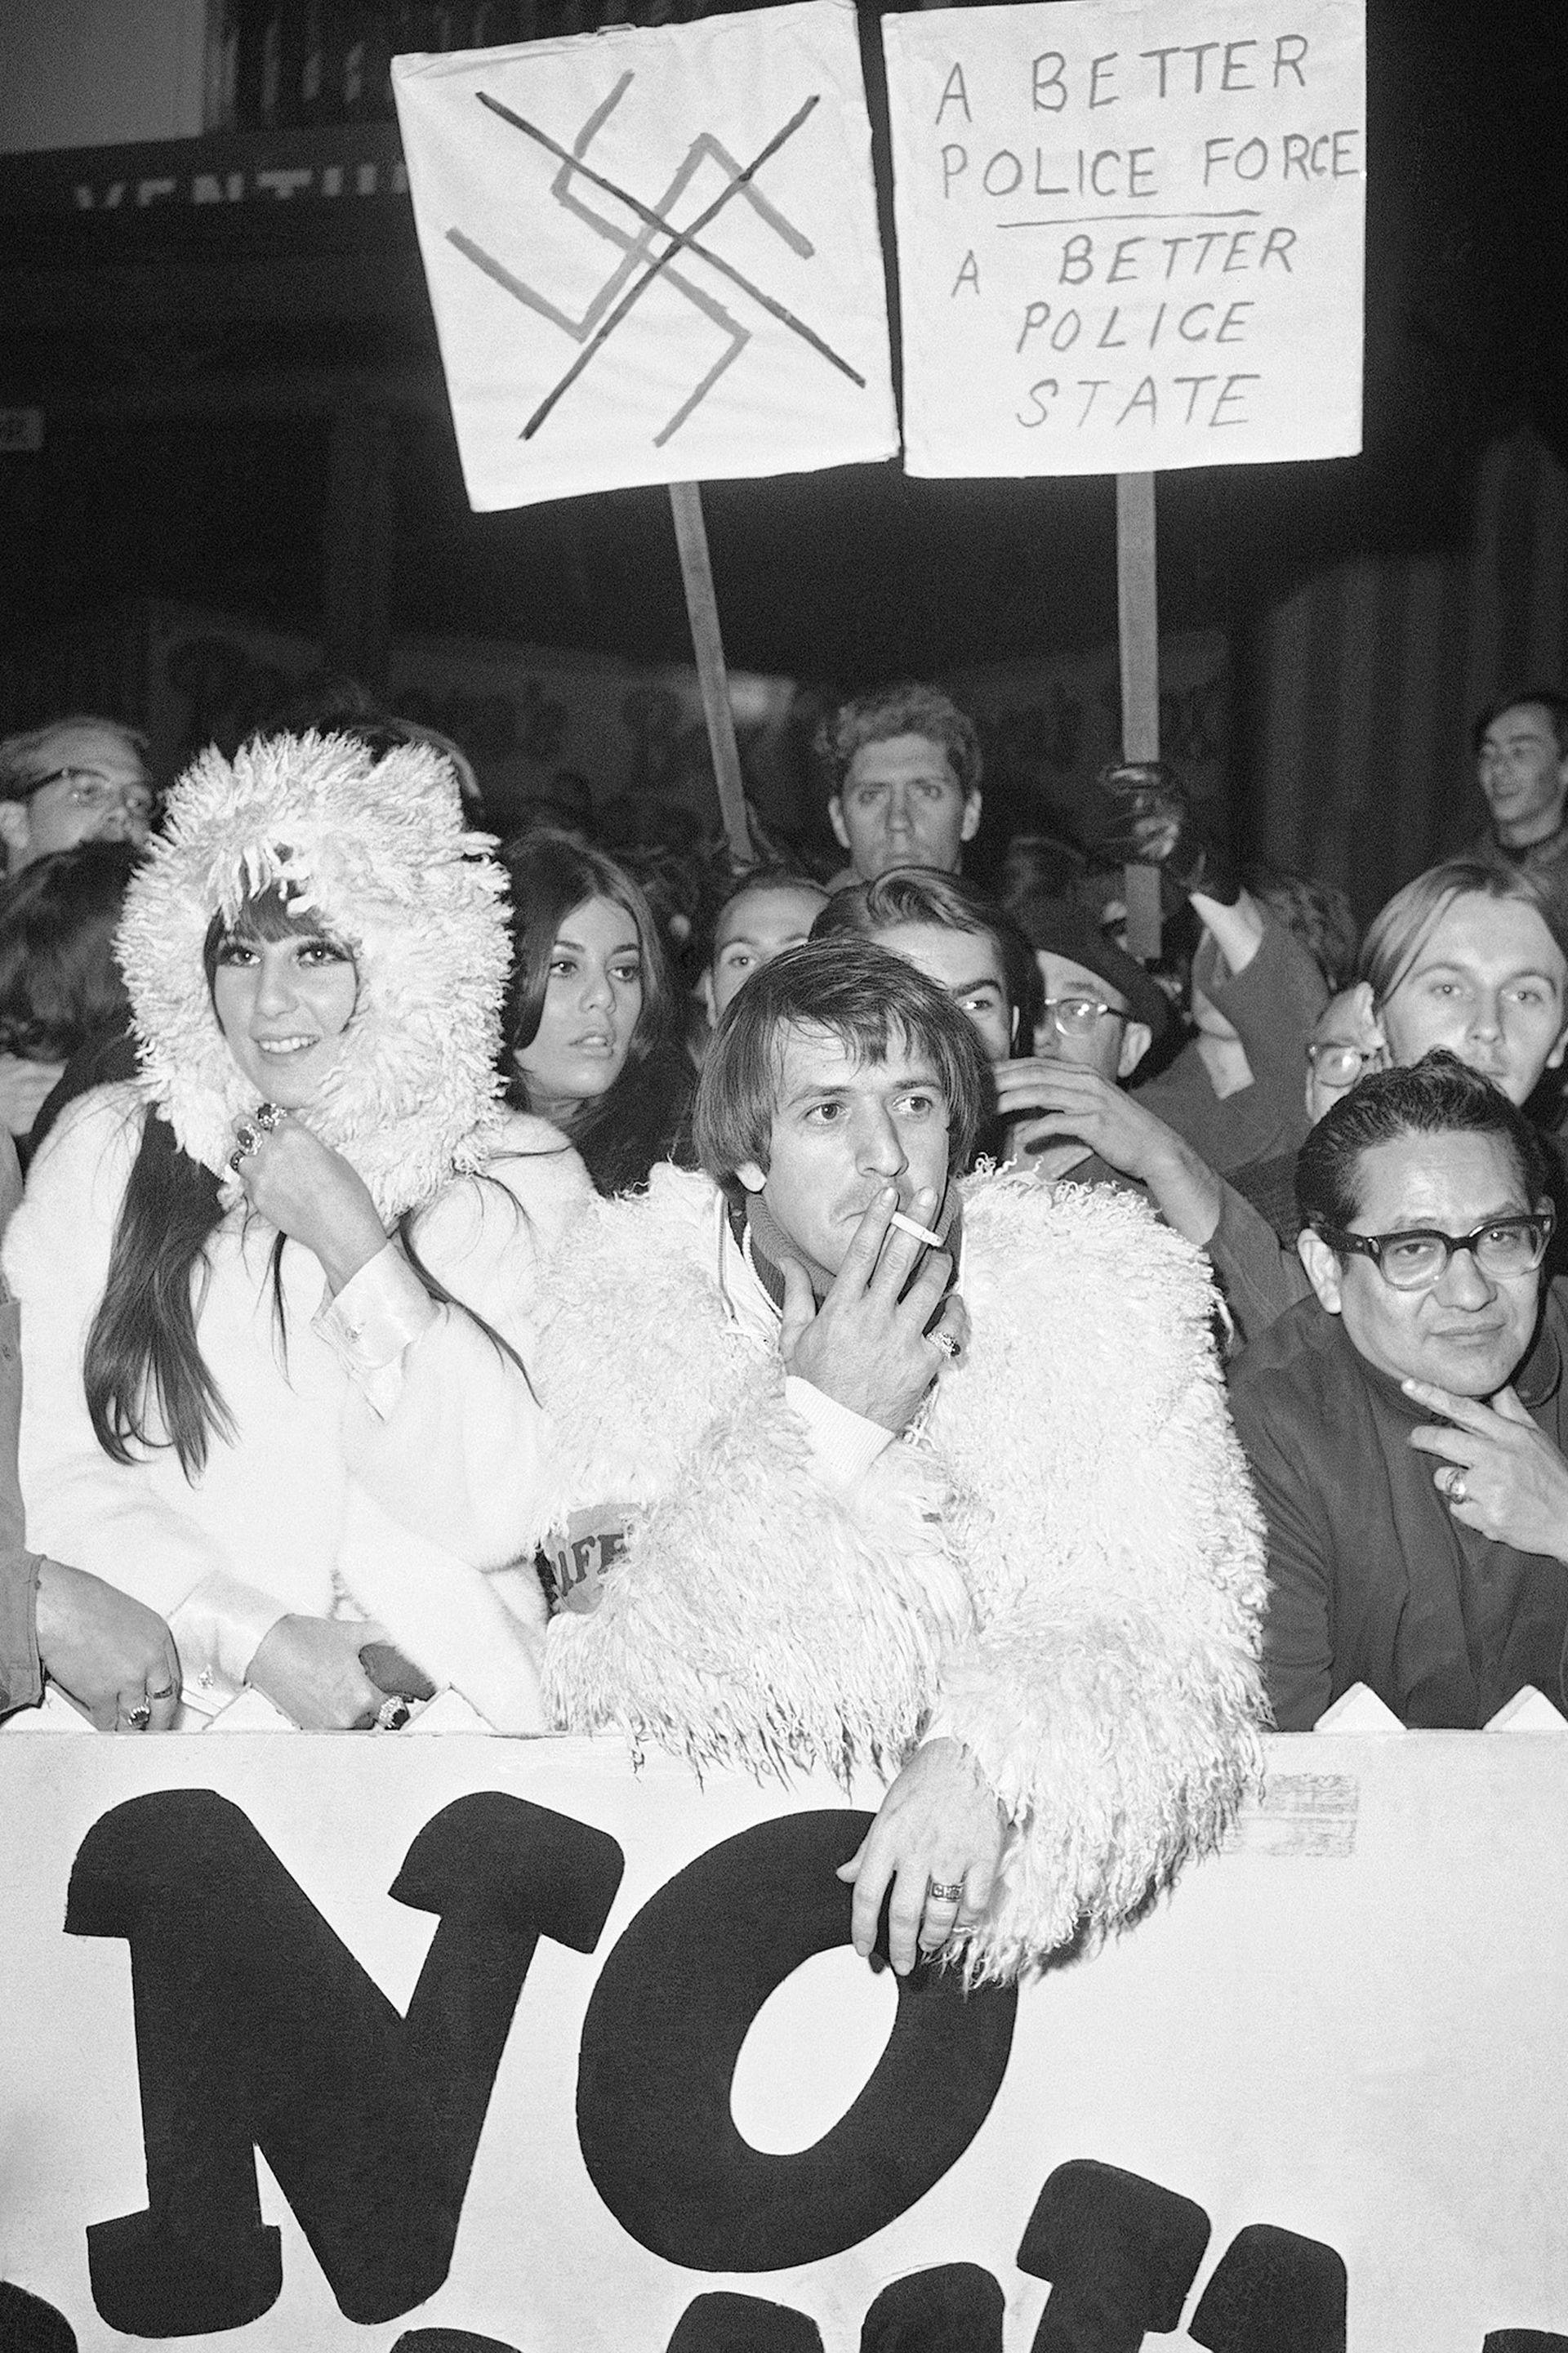 Junto con Sonny Bono, en una protesta de 1966 contra las autoridades de Los Ángeles que dejó huella en la contracultura californiana